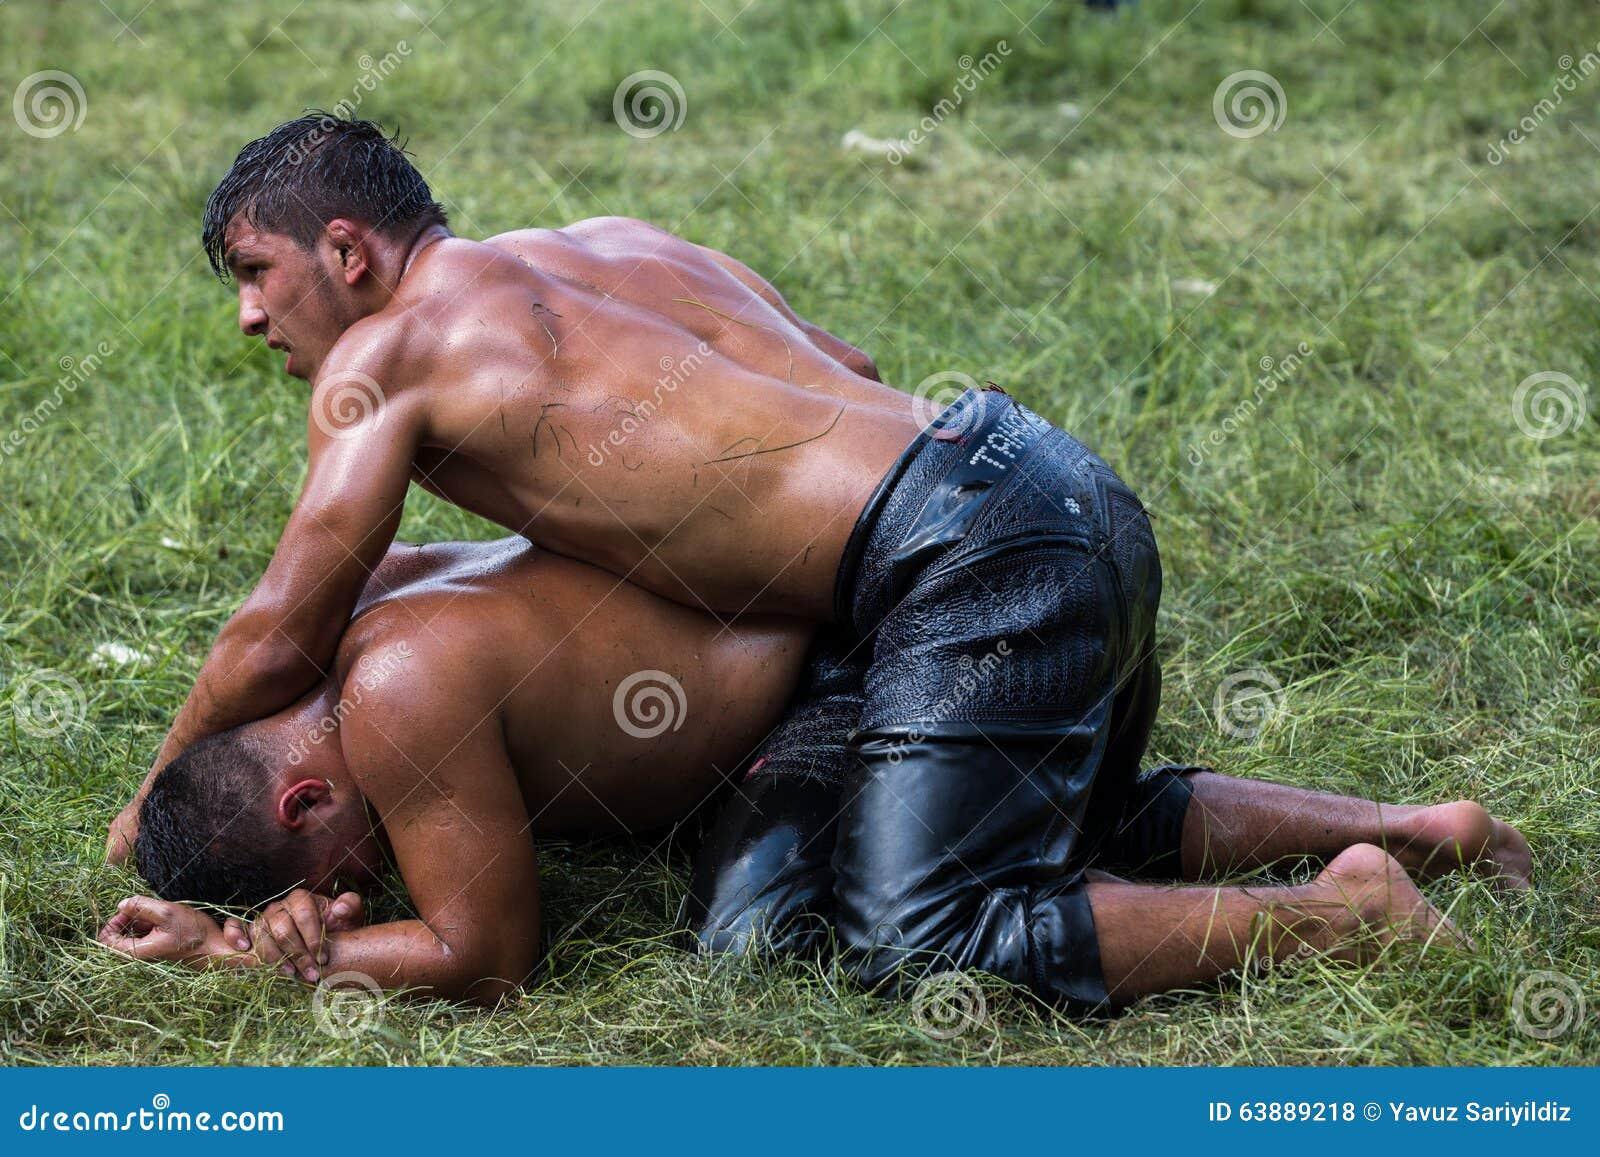 Midget oil wrestling